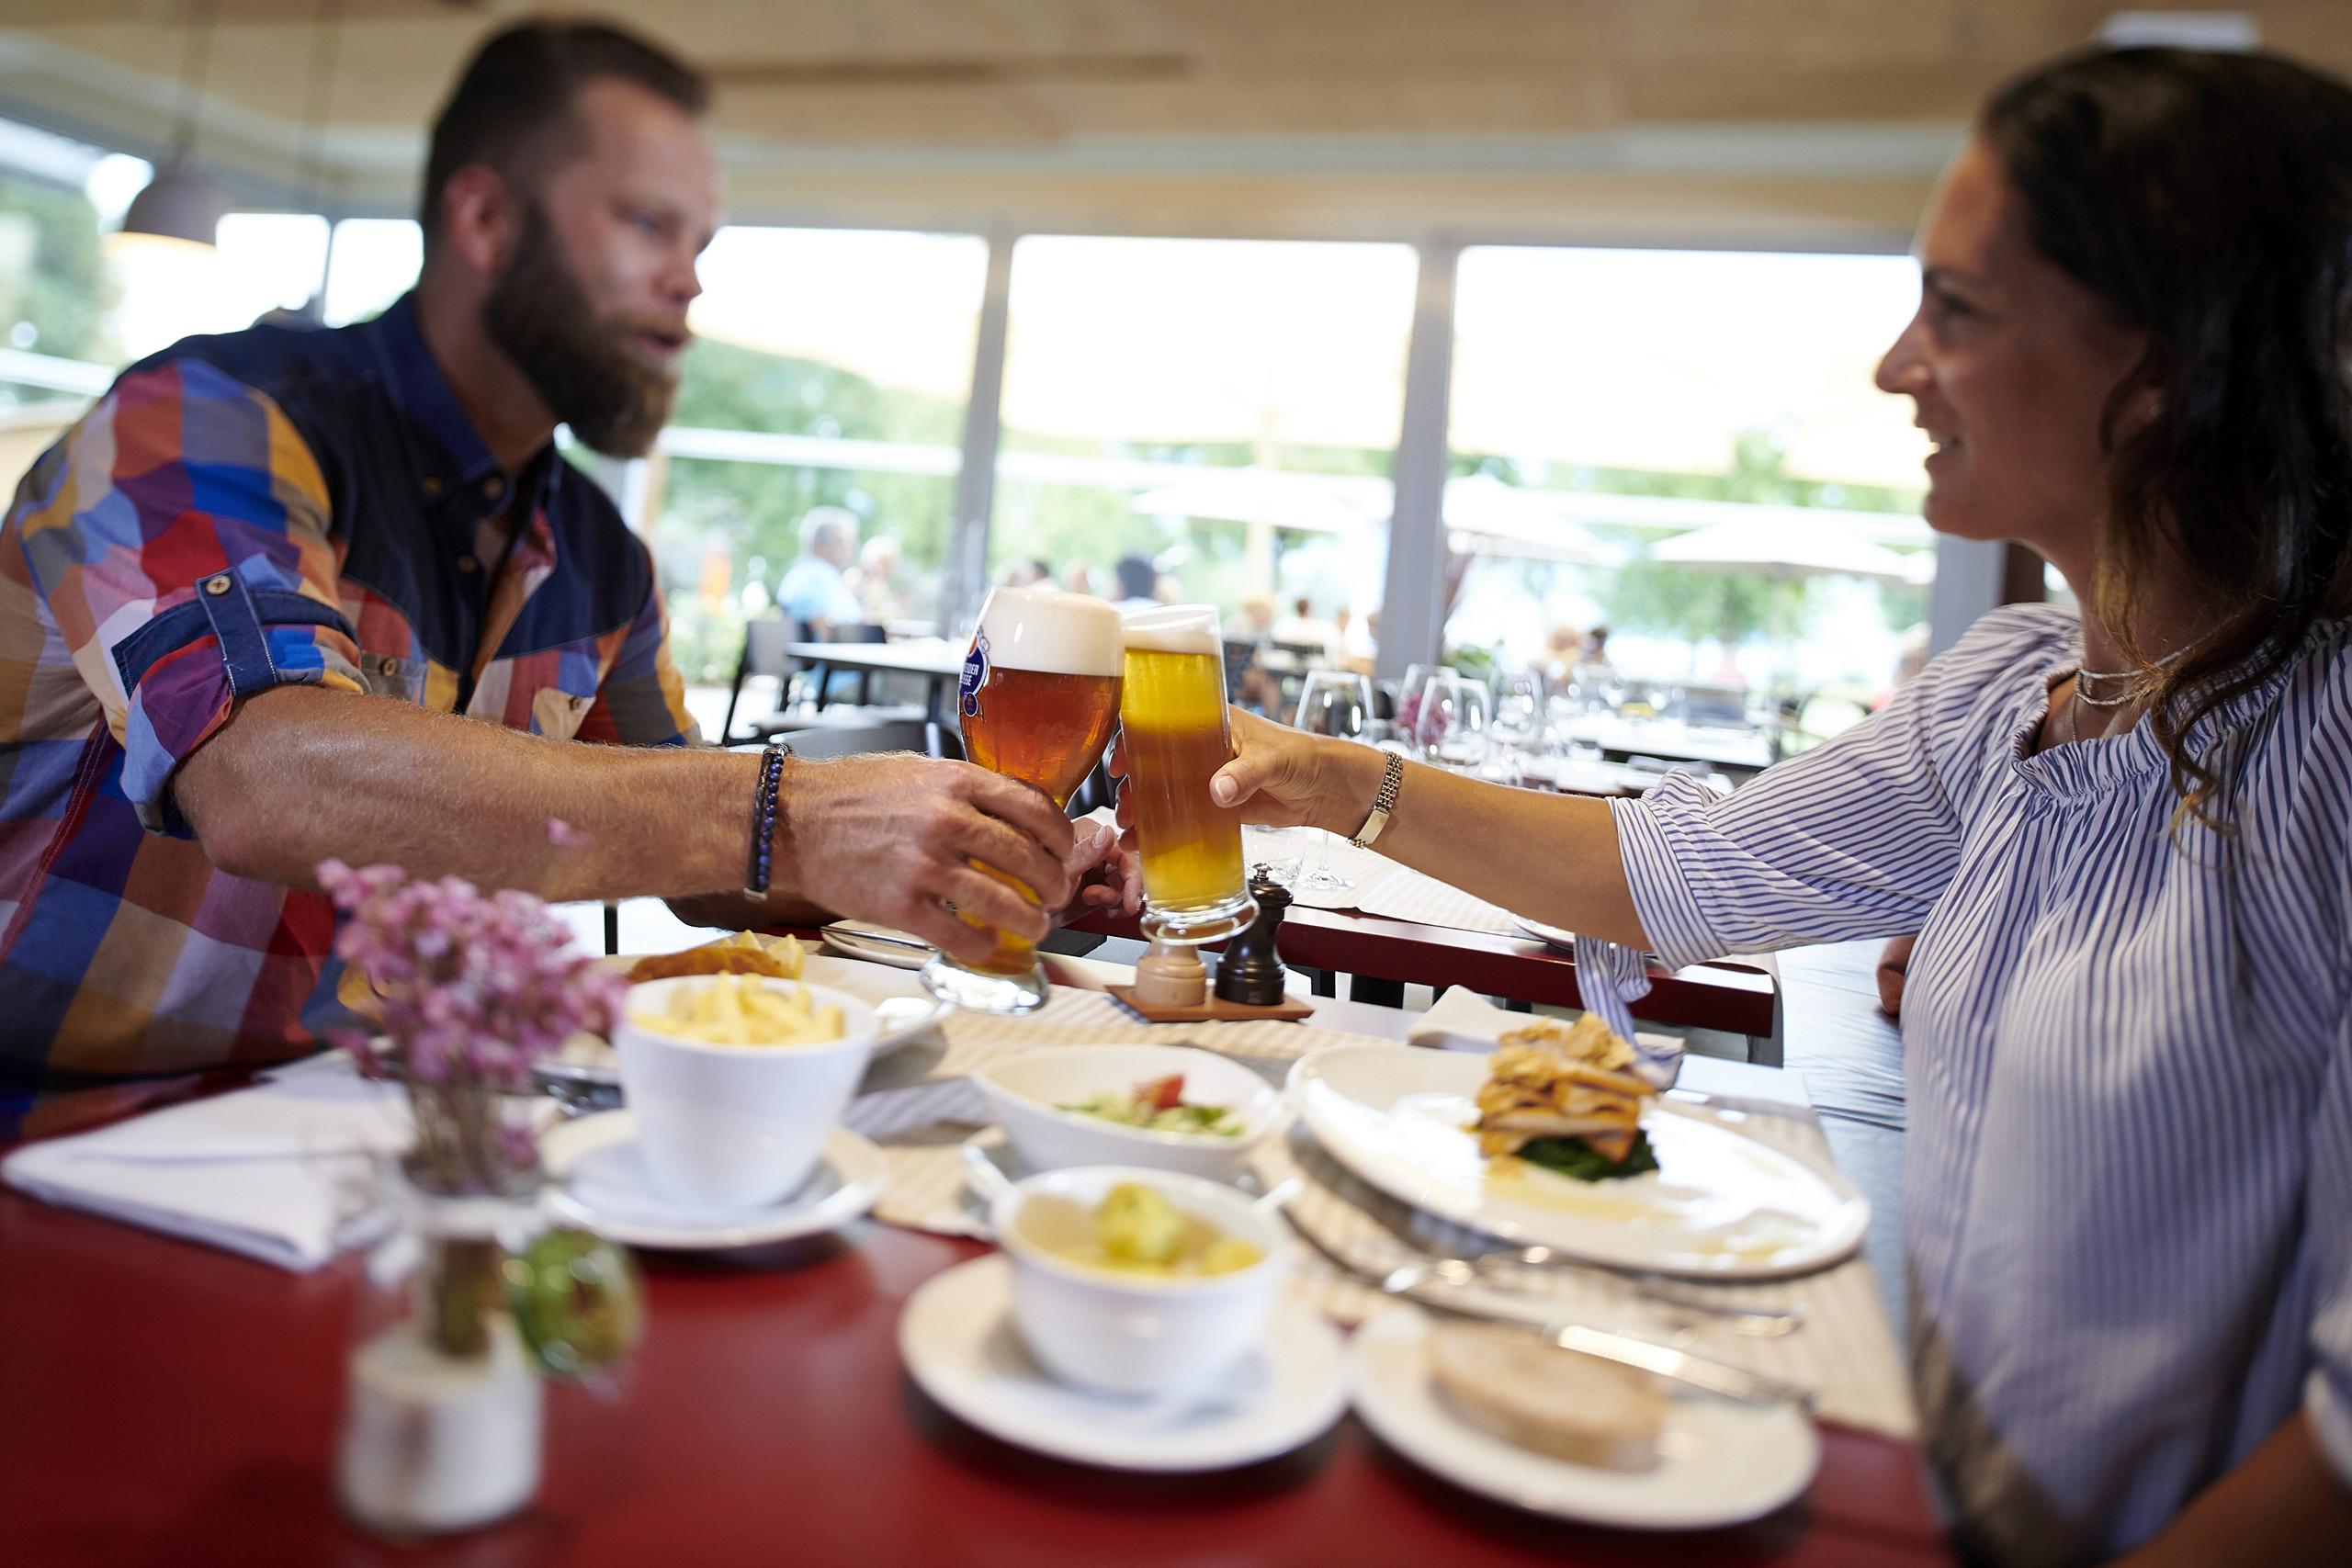 restaurant-delta-deltapark-anstossen-mittagessen